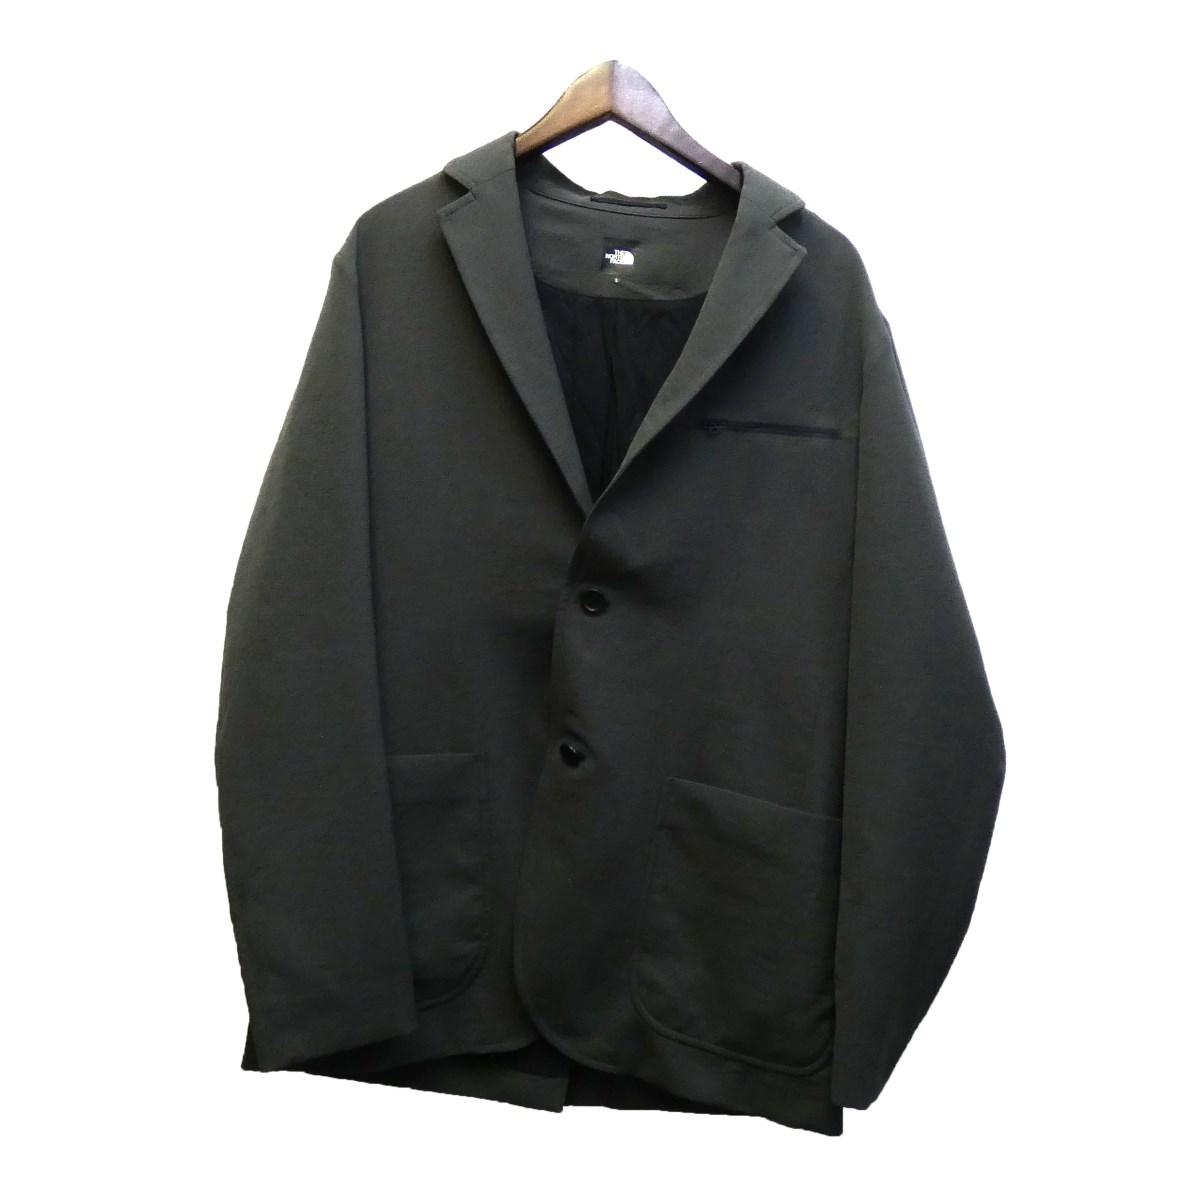 【中古】THE NORTH FACE NR21961R ポリテーラードジャケット グレー サイズ:L 【280220】(ザノースフェイス)